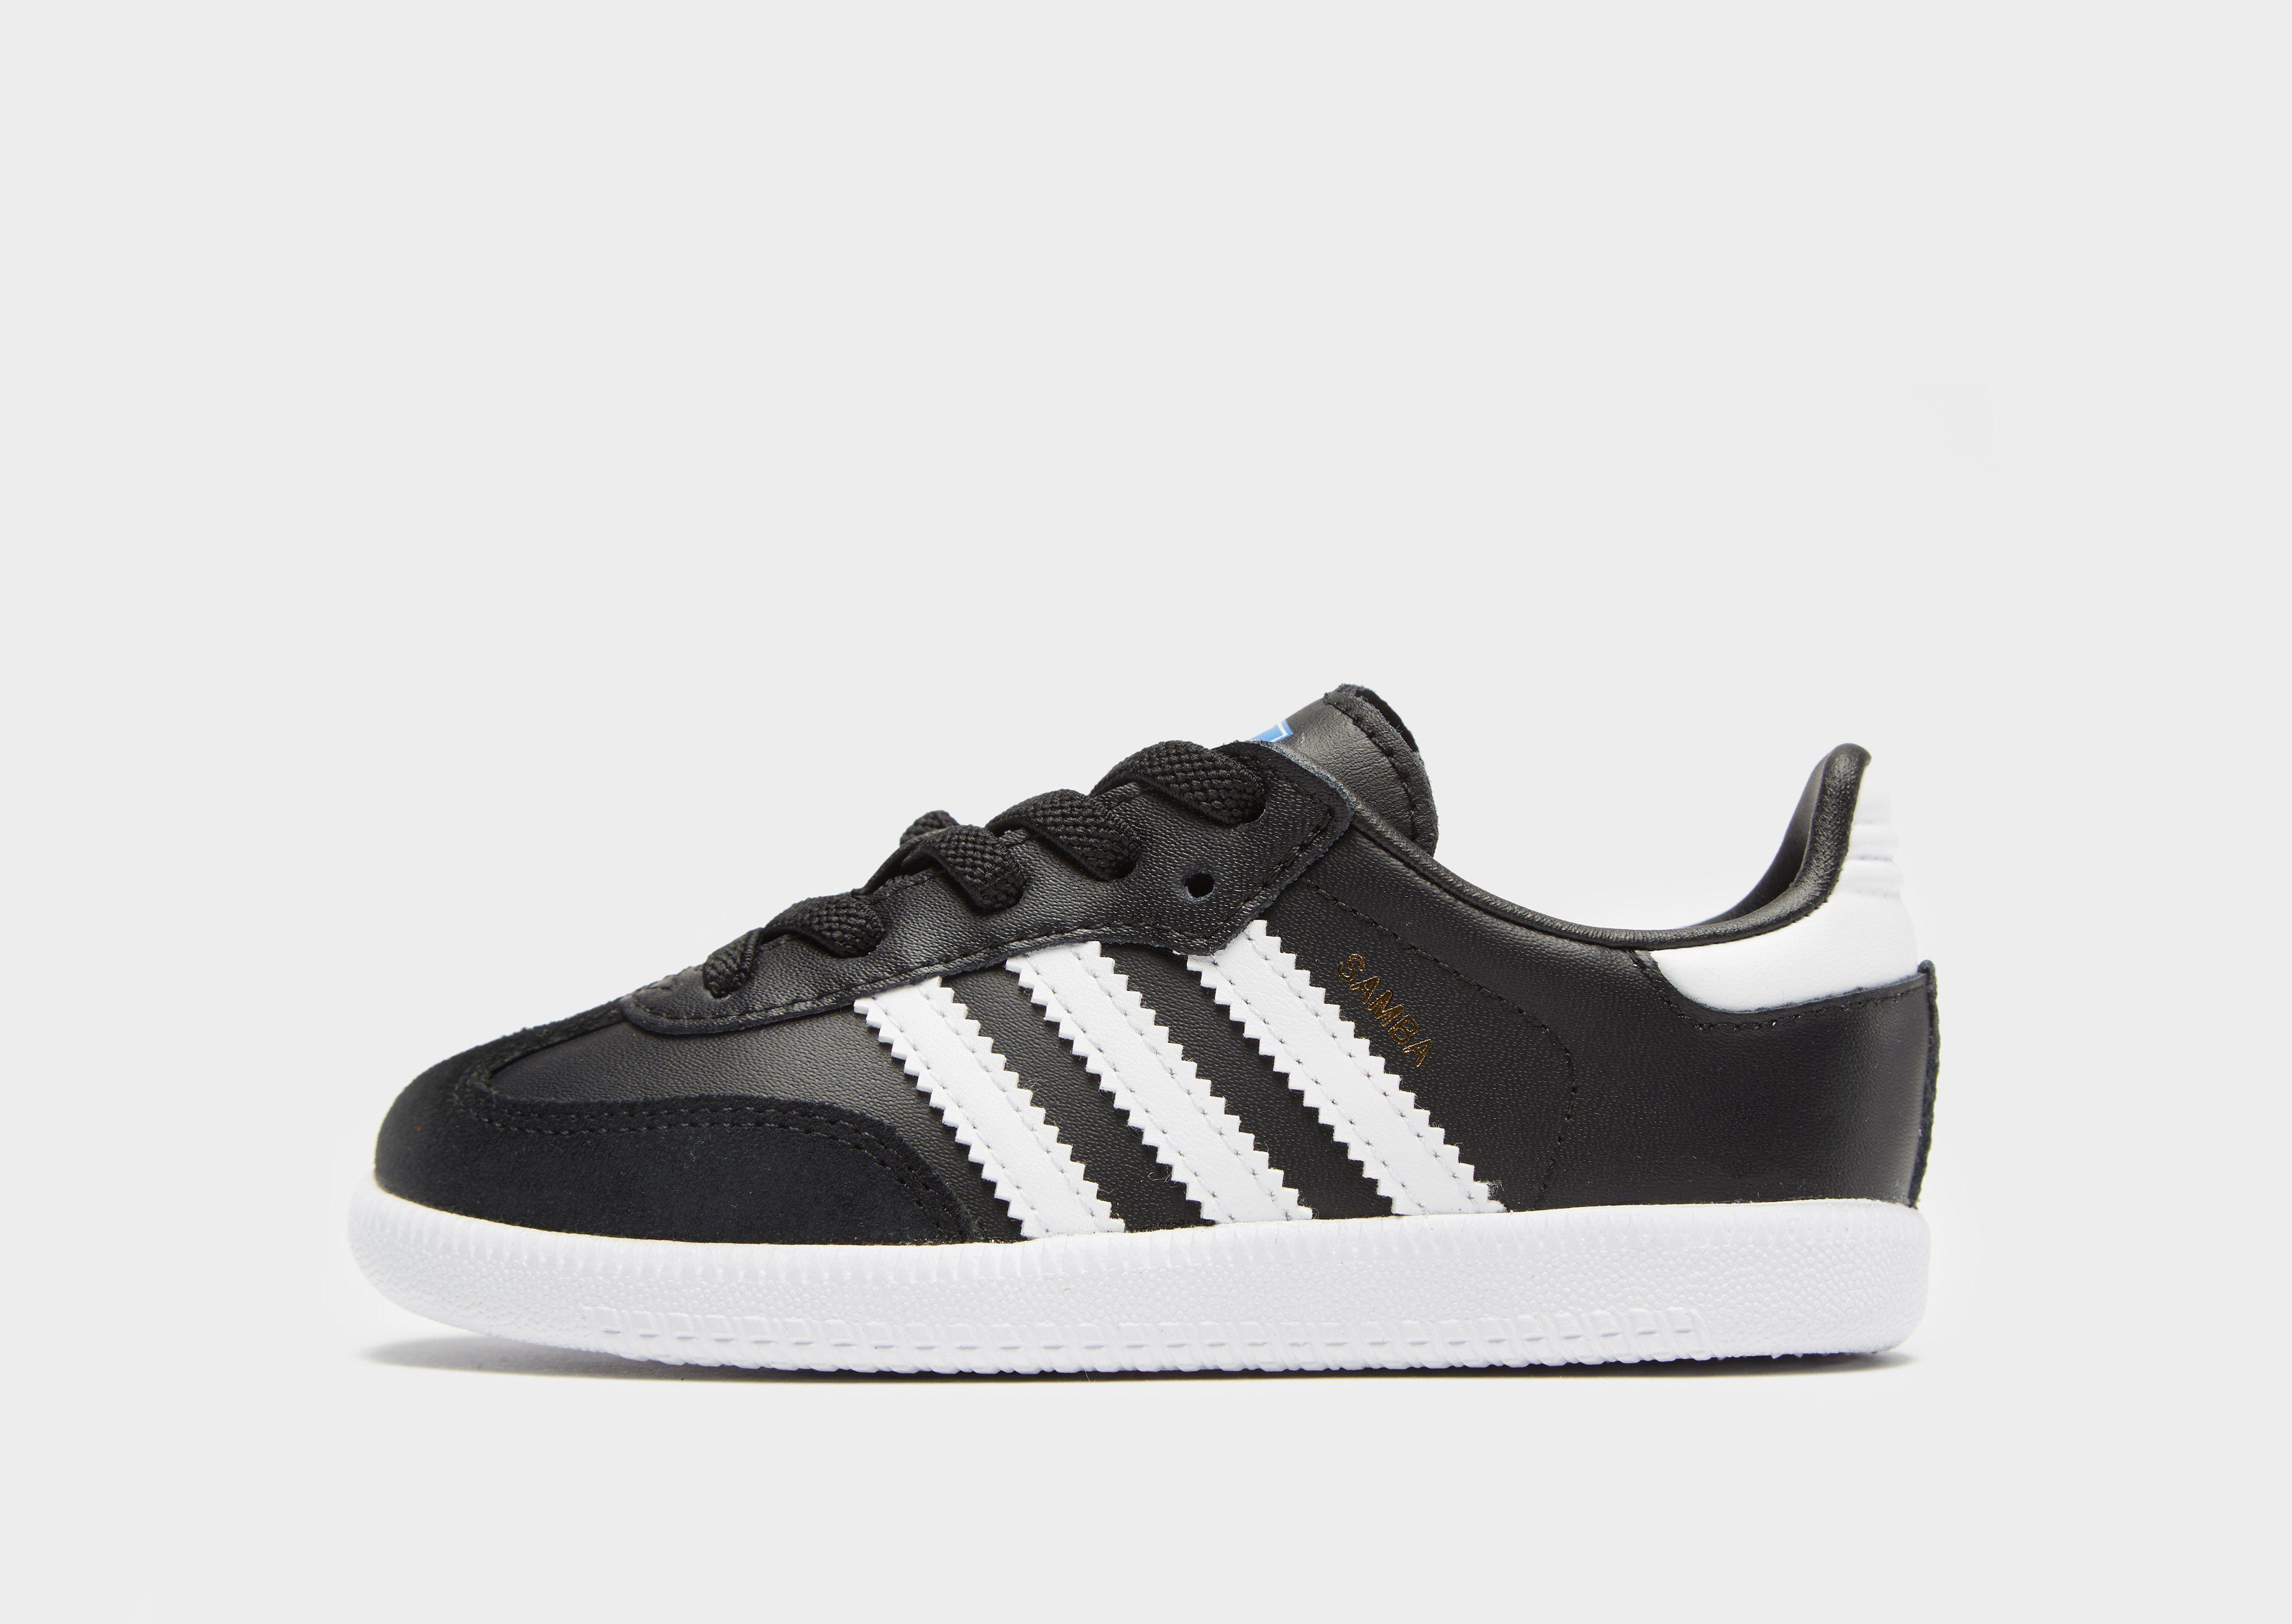 69fa1e2f8 ADIDAS Samba OG Shoes